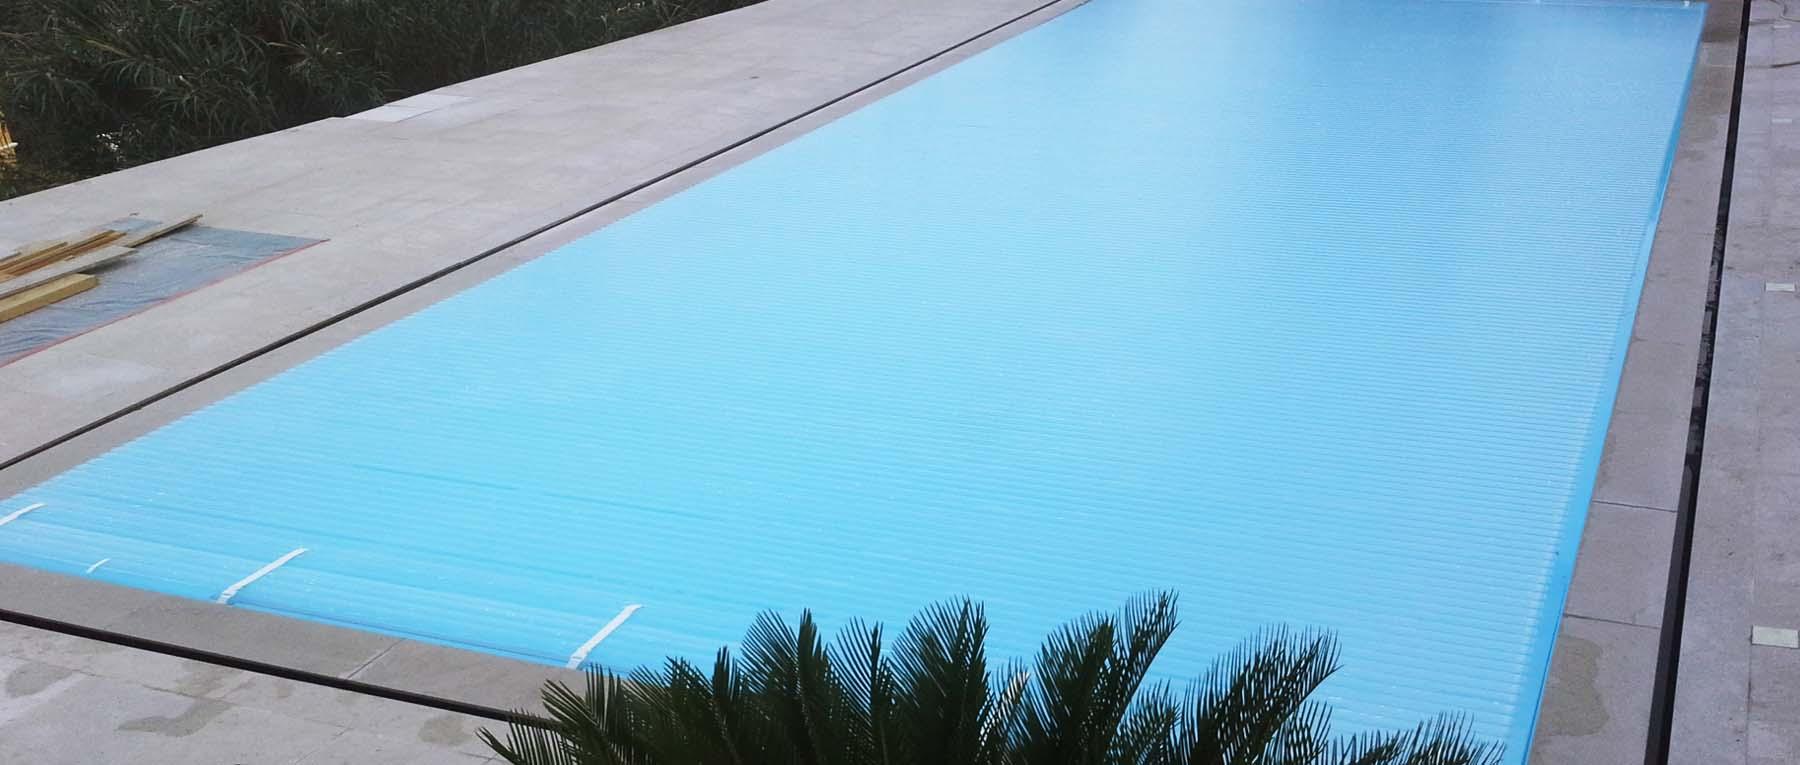 Afdekkingen voor uw zwembad van Van Kuik Zwembaden